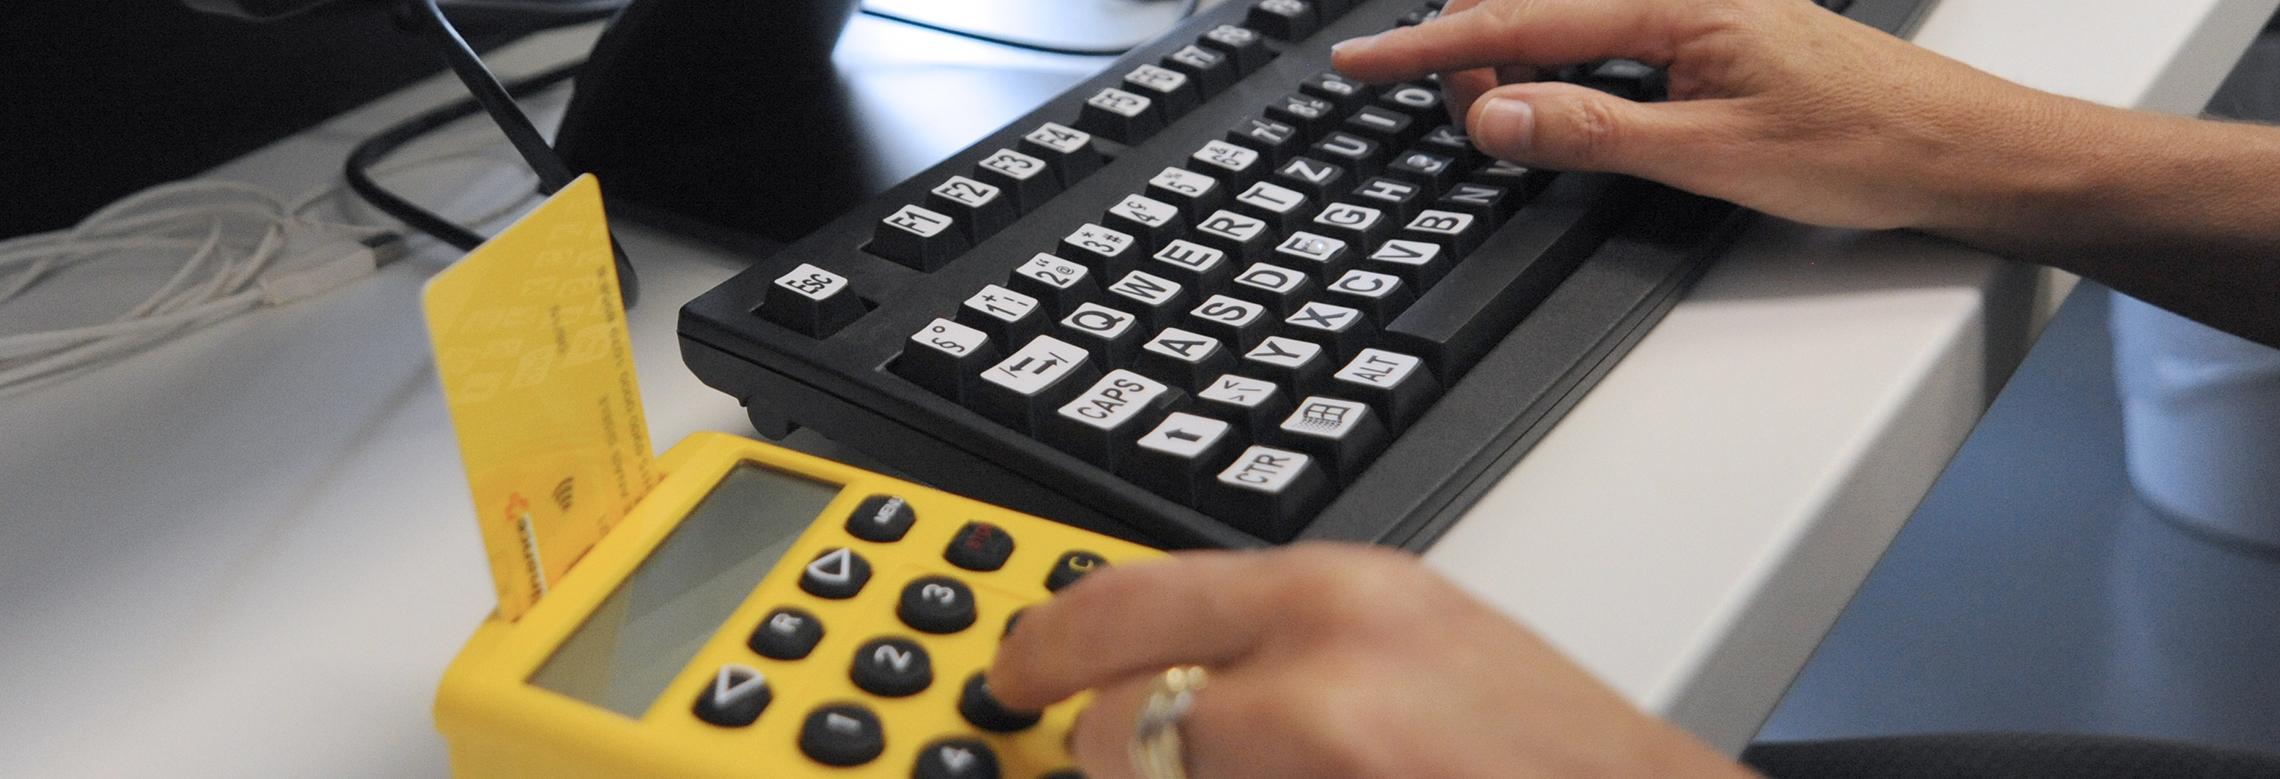 Image d'un appareil eFinance avec des touches agrandies pour les personnes malvoyantes